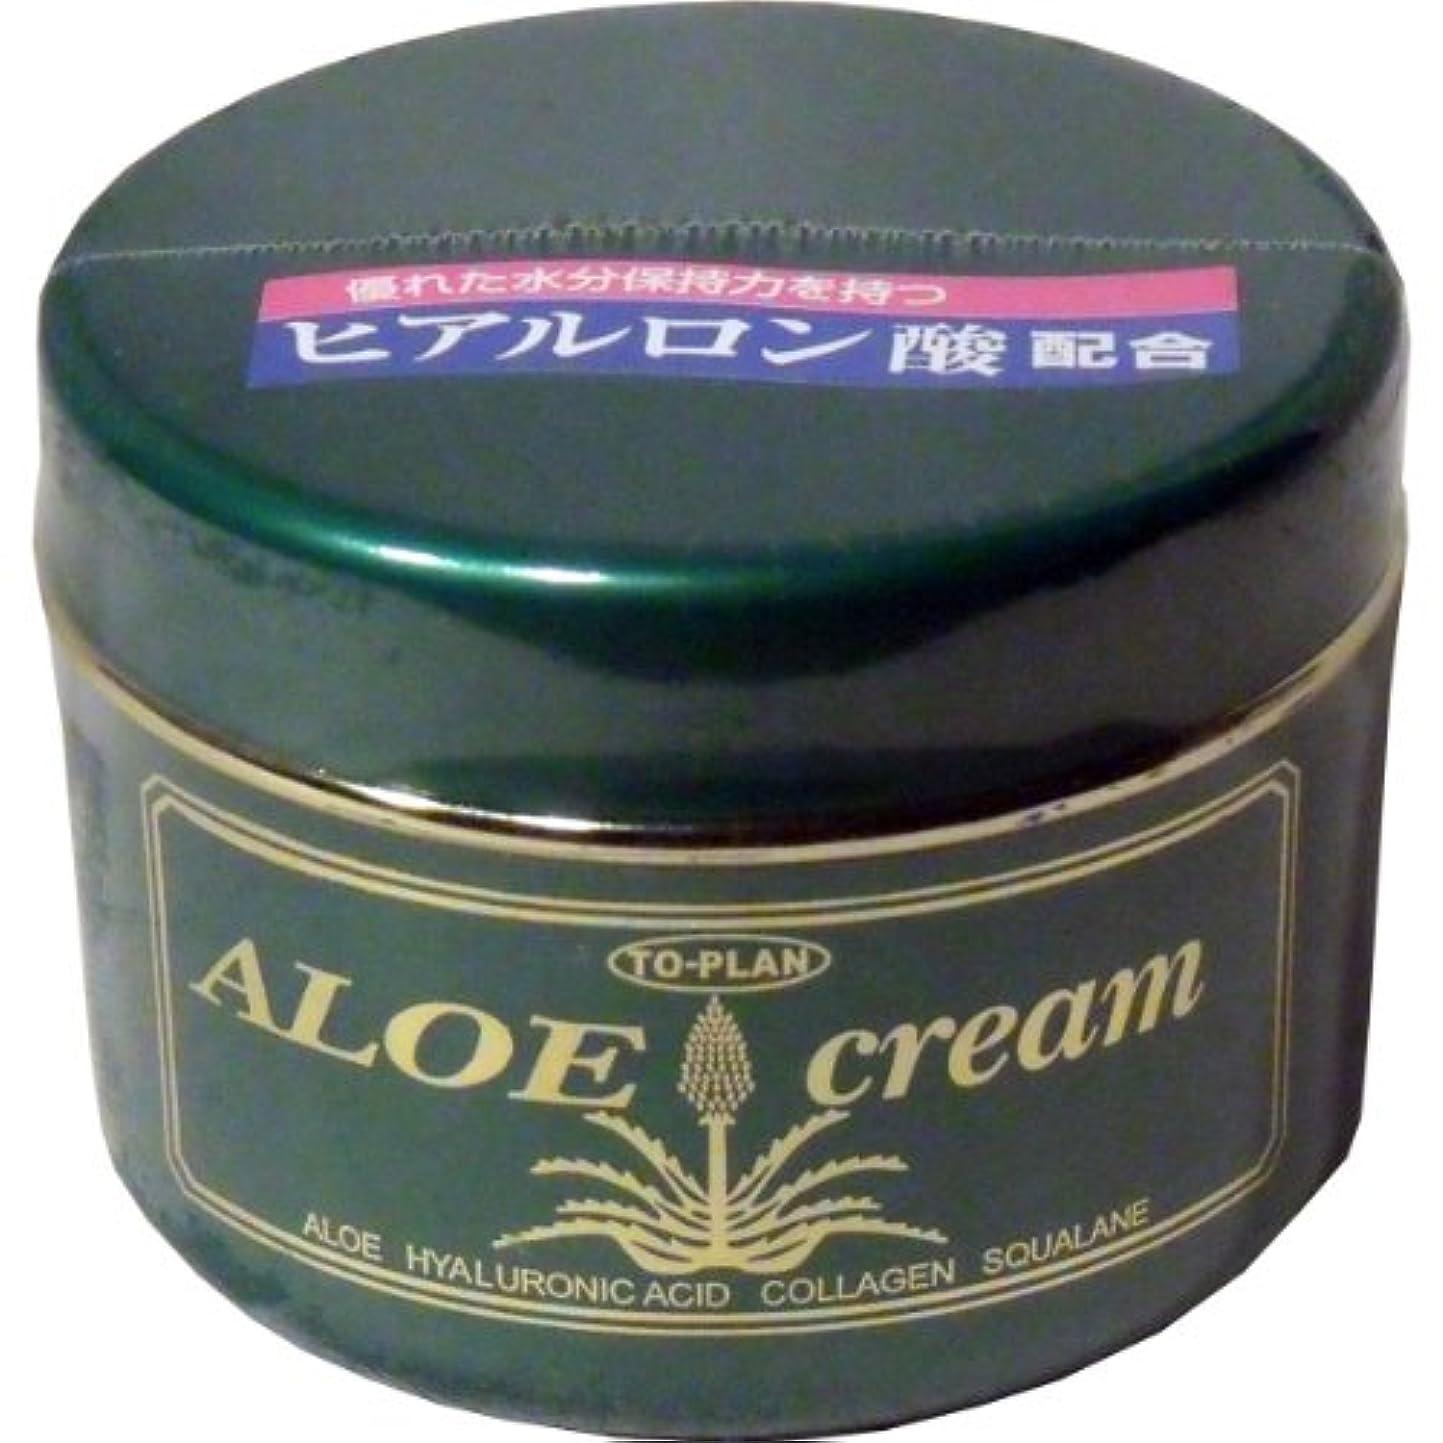 前件めまいが鉄トプラン ハーブフレッシュクリーム(アロエクリーム) ヒアルロン酸 170g